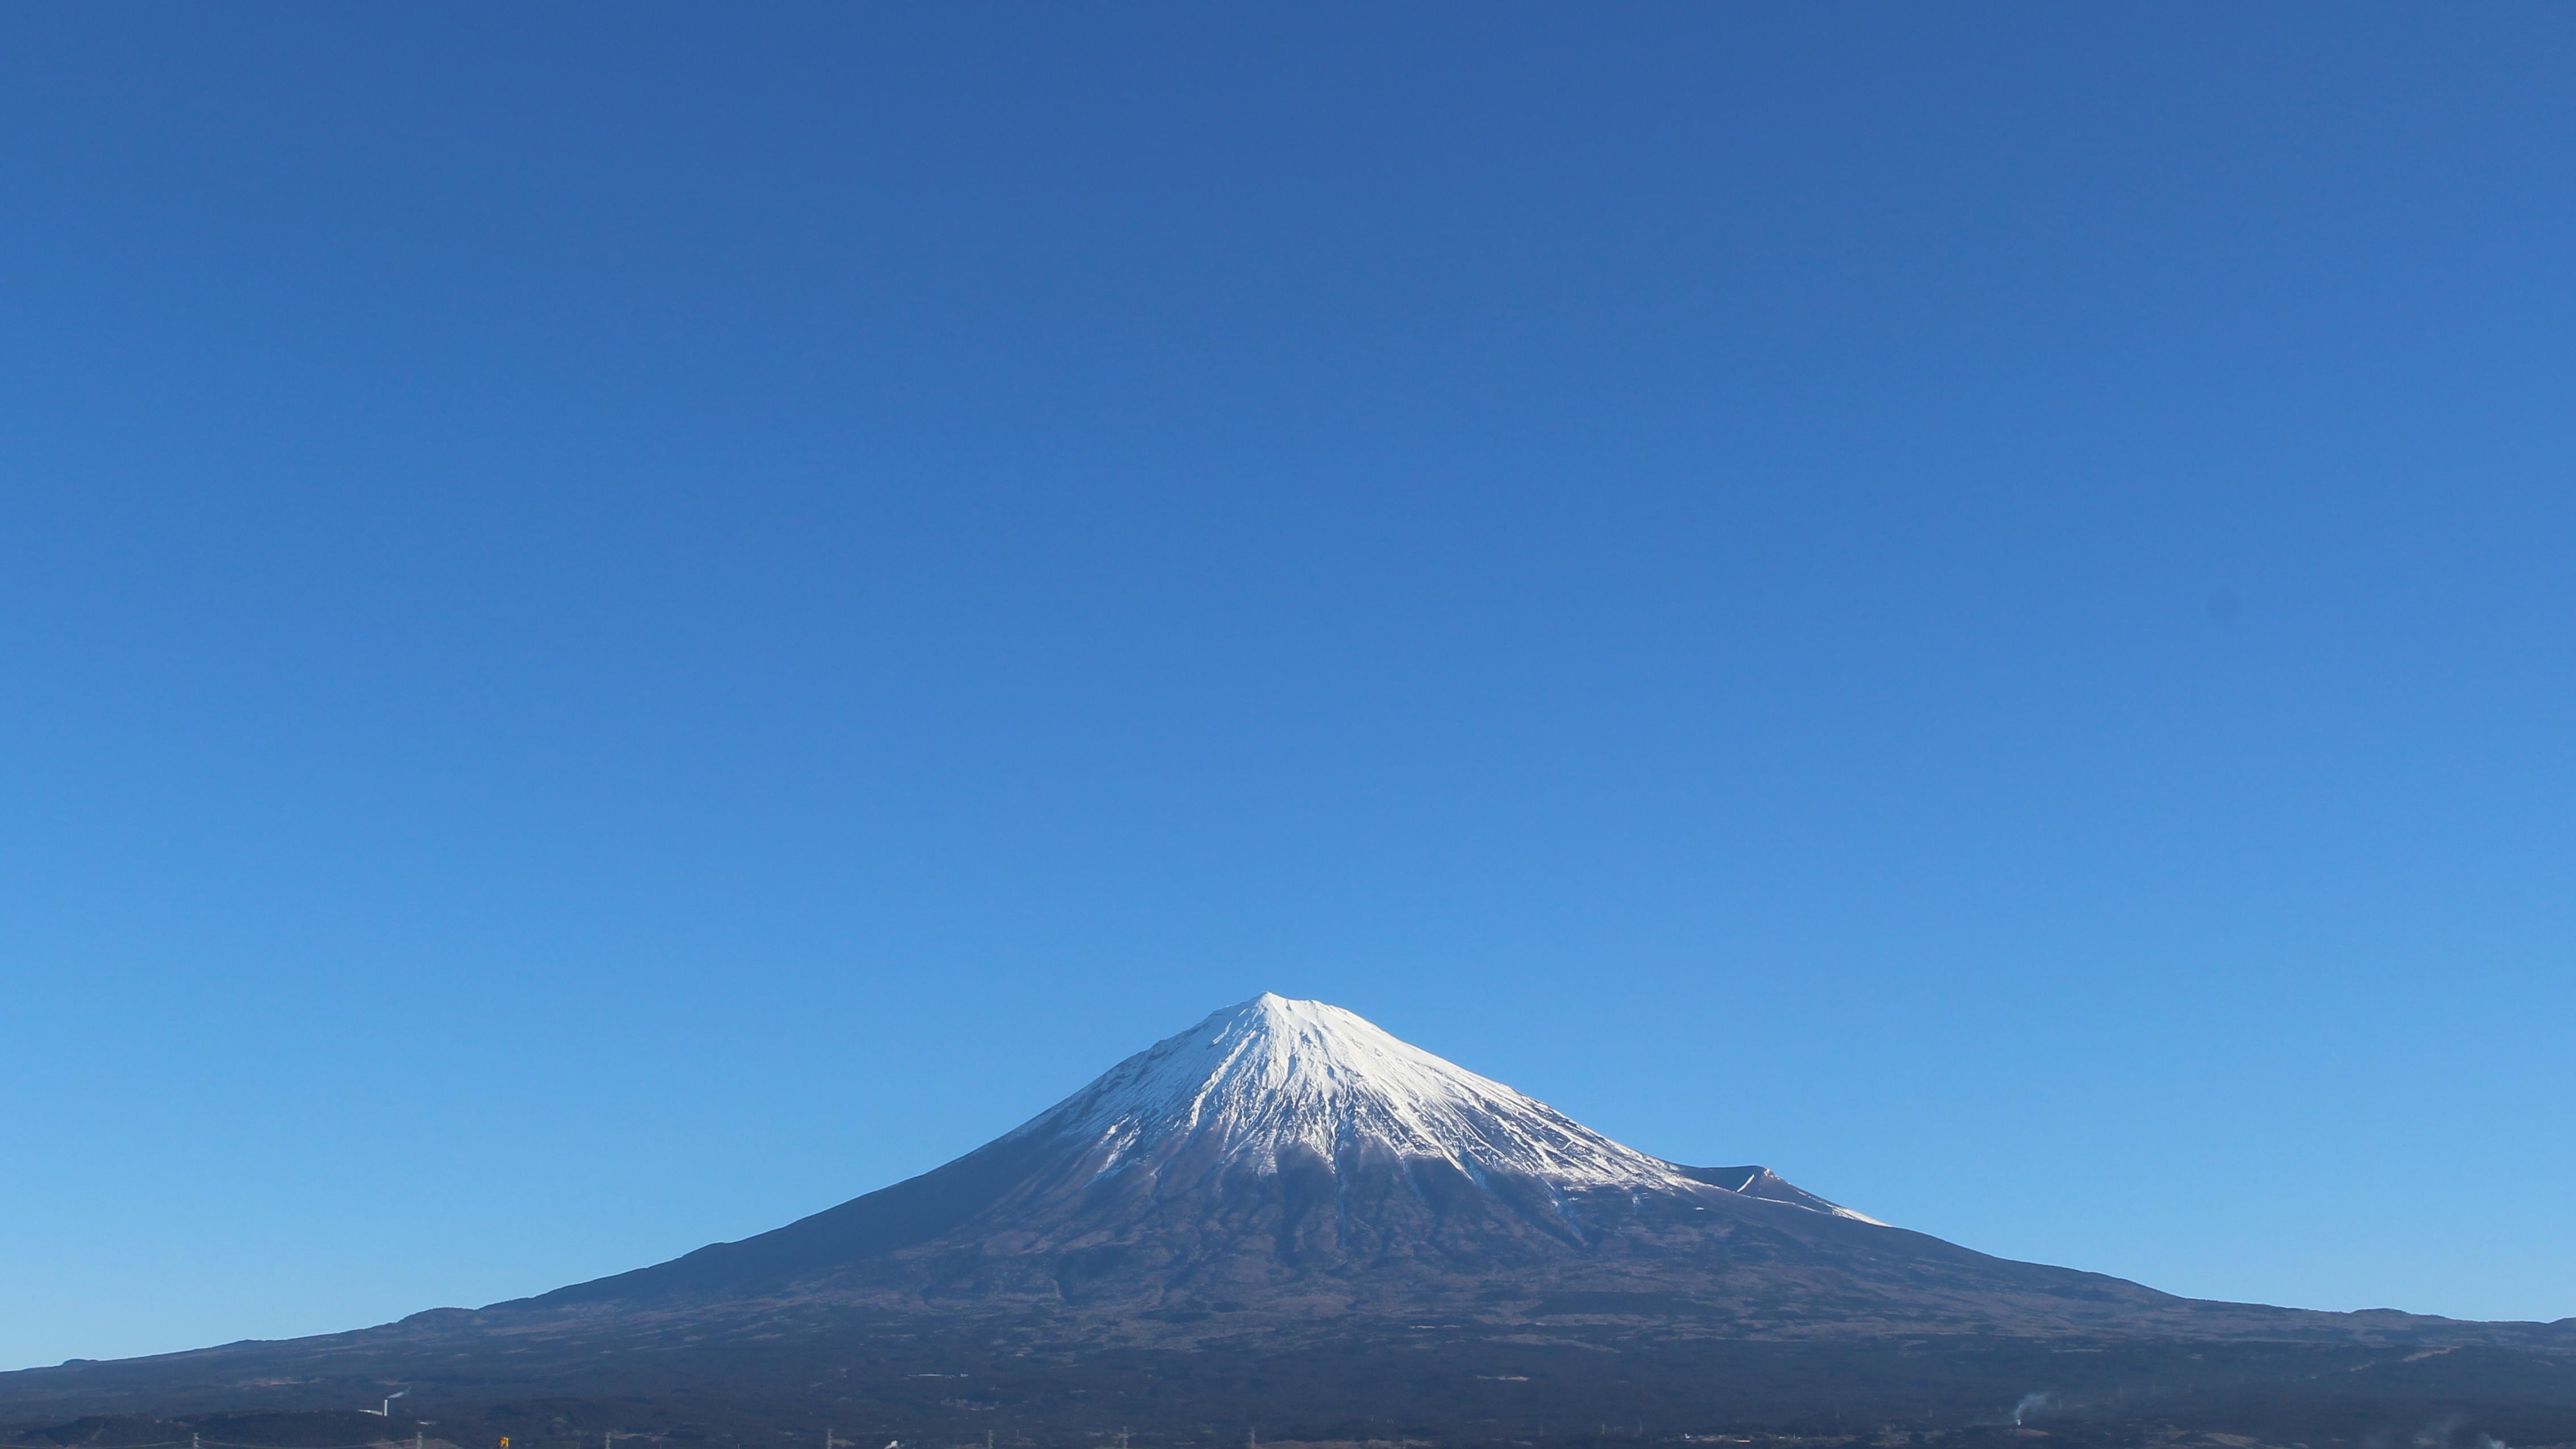 2017年1月25日の富士山の写真